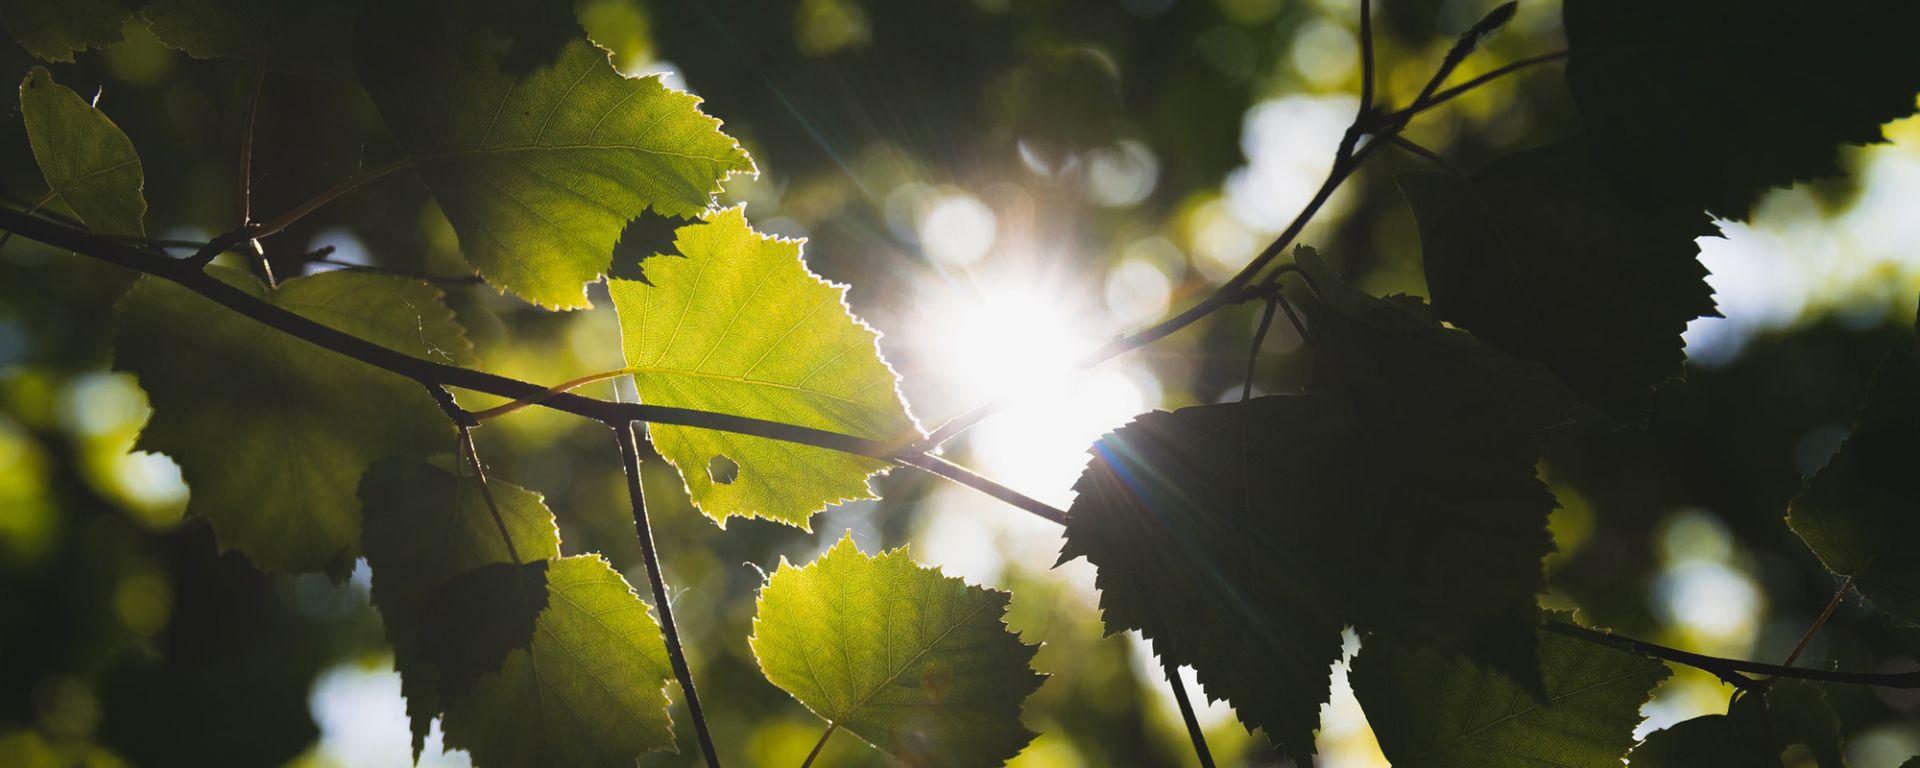 Aurinko paistaa puiden lehtien välistä